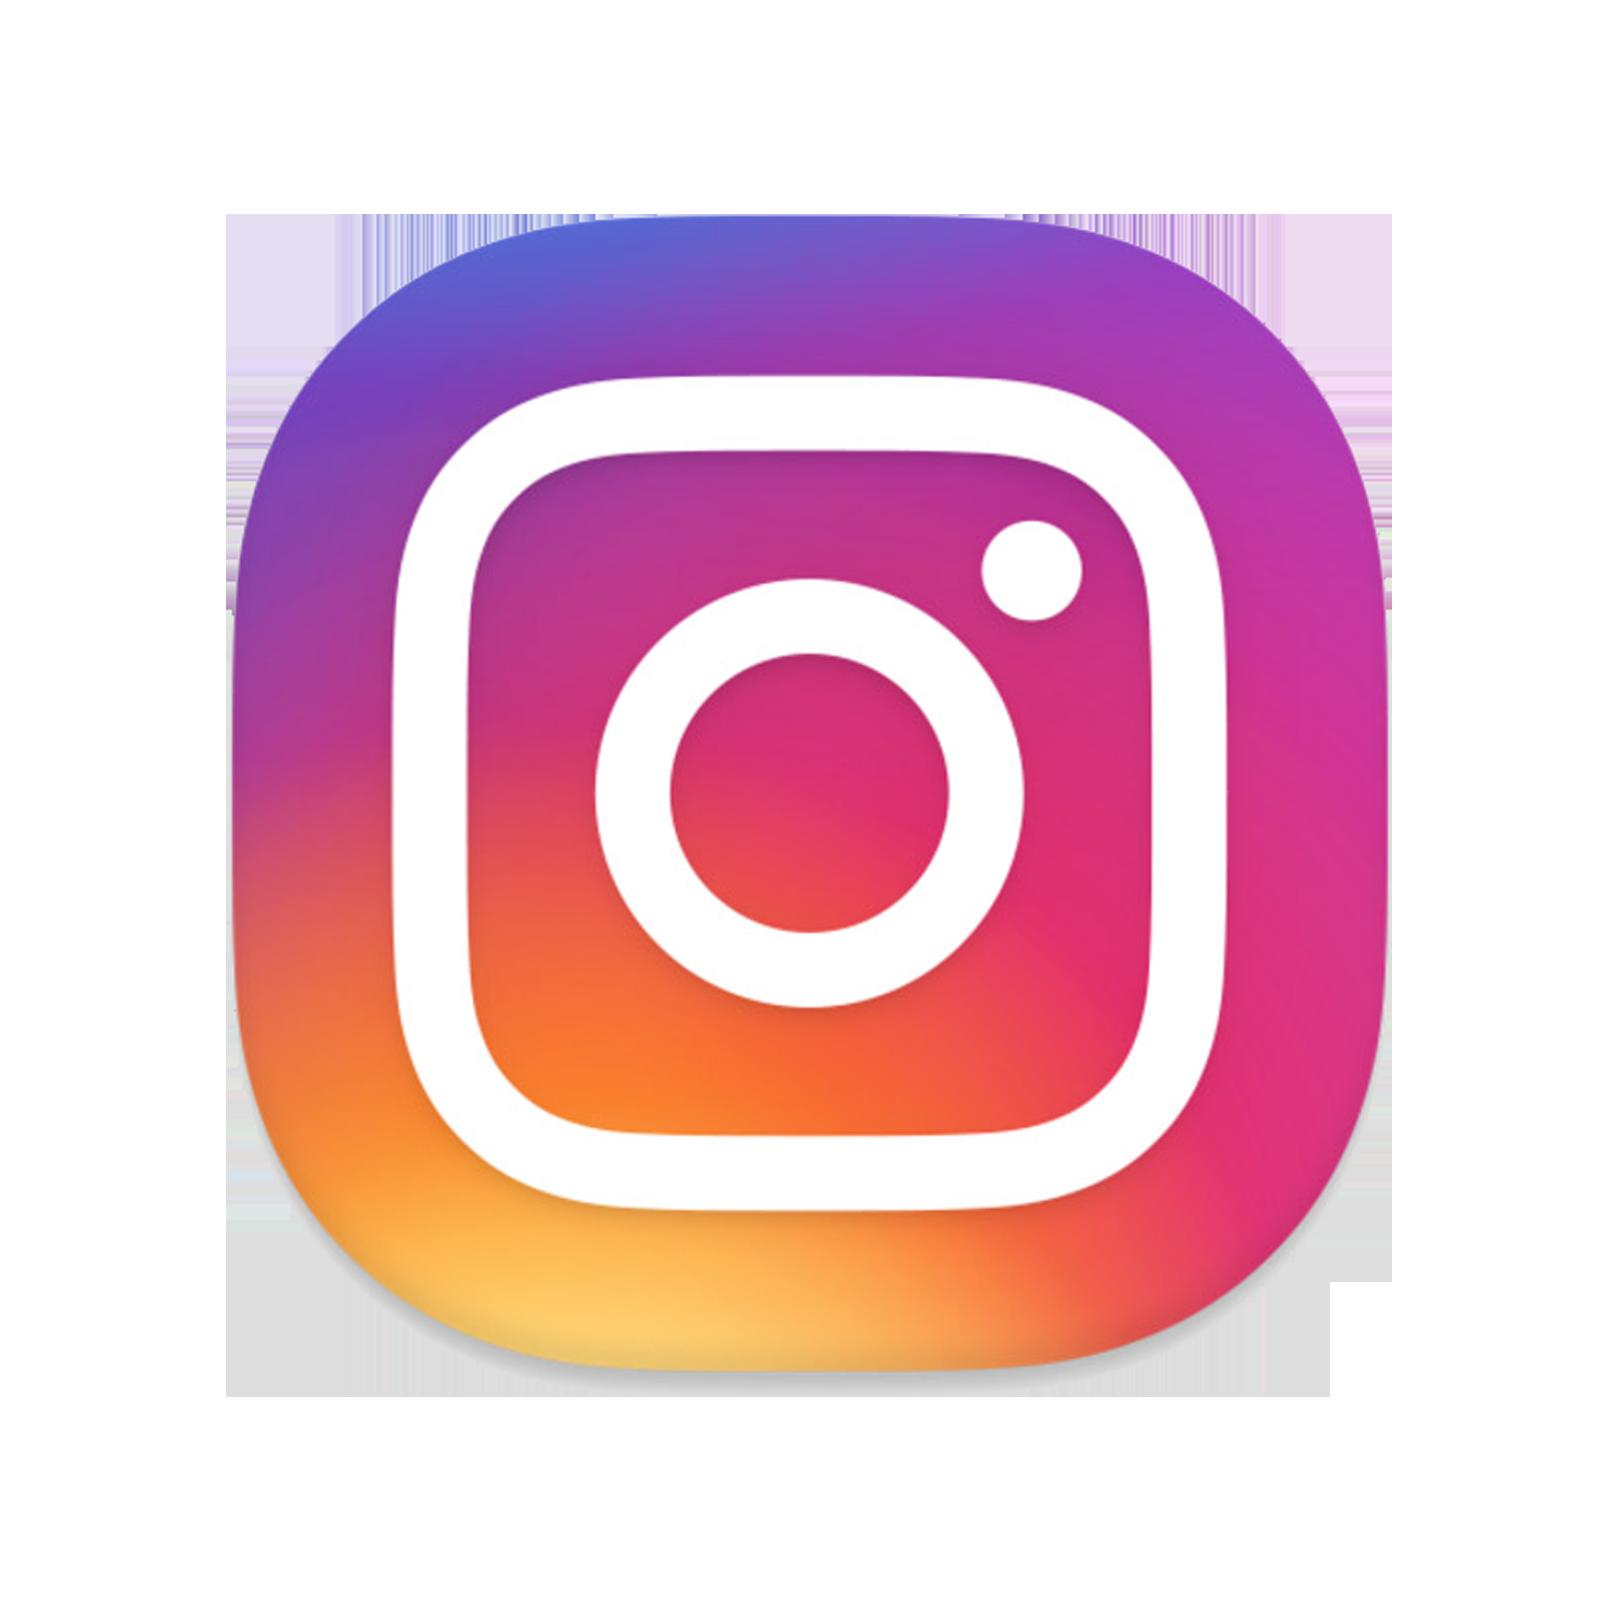 Instagram clipart instagram app, Instagram instagram app.